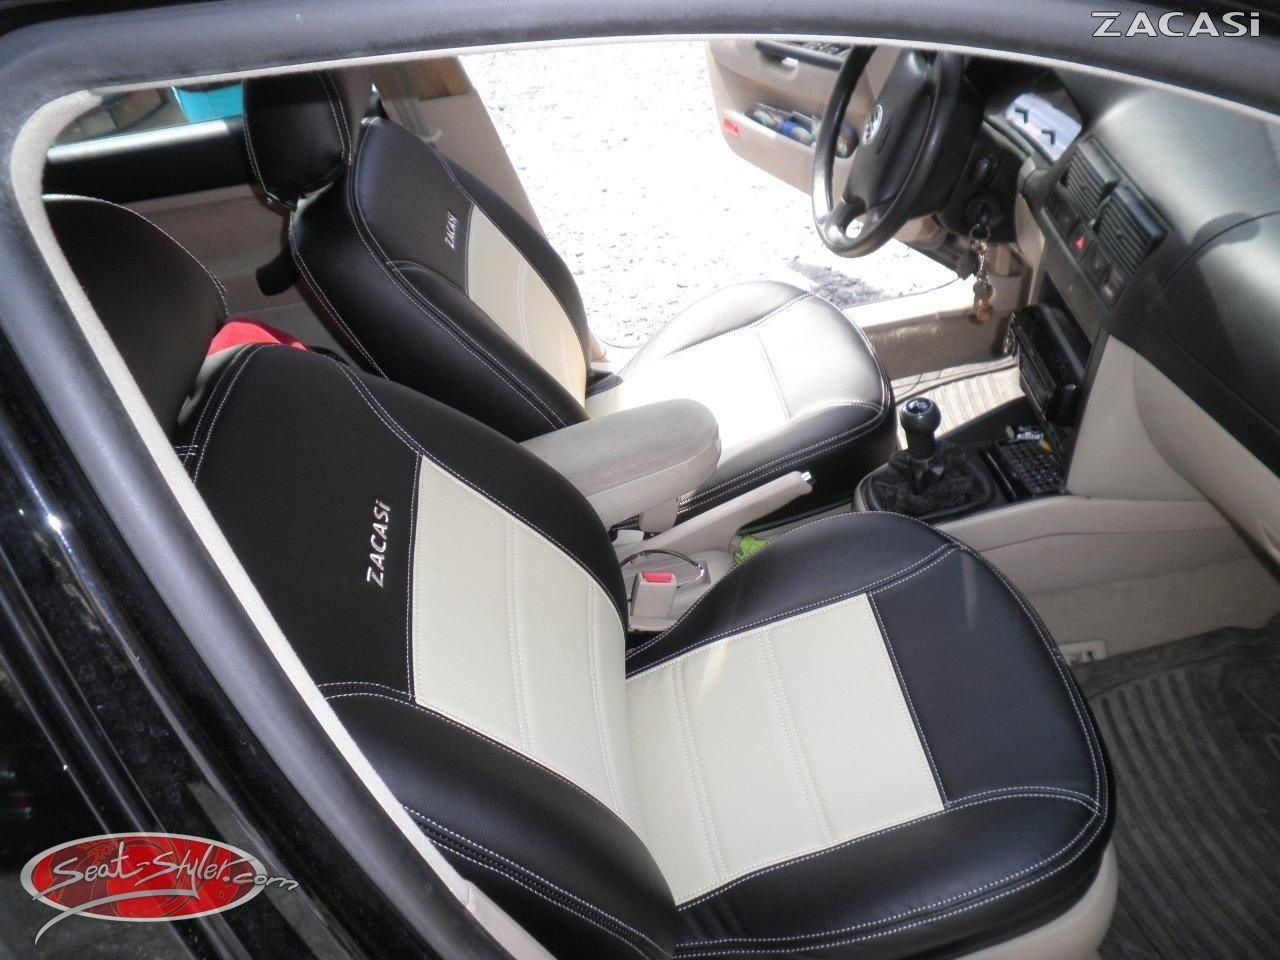 vw golf vwgolf vwgolf4 sitzbez ge autositzbez ge. Black Bedroom Furniture Sets. Home Design Ideas